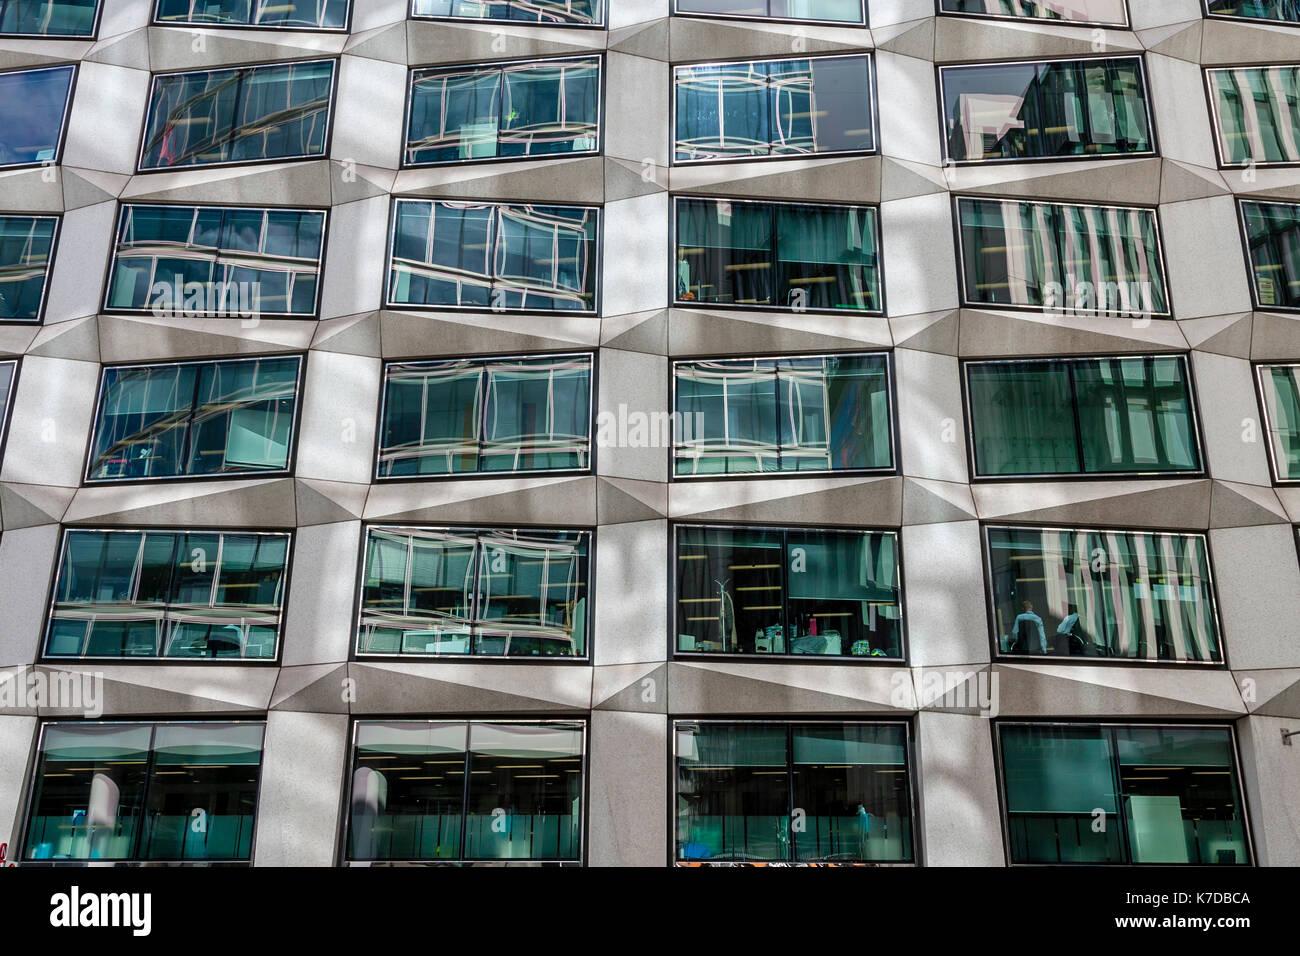 El exterior del número 1 Coleman Street, moorgate, edificio de oficinas de la ciudad de Londres, Londres, Reino Unido. Imagen De Stock